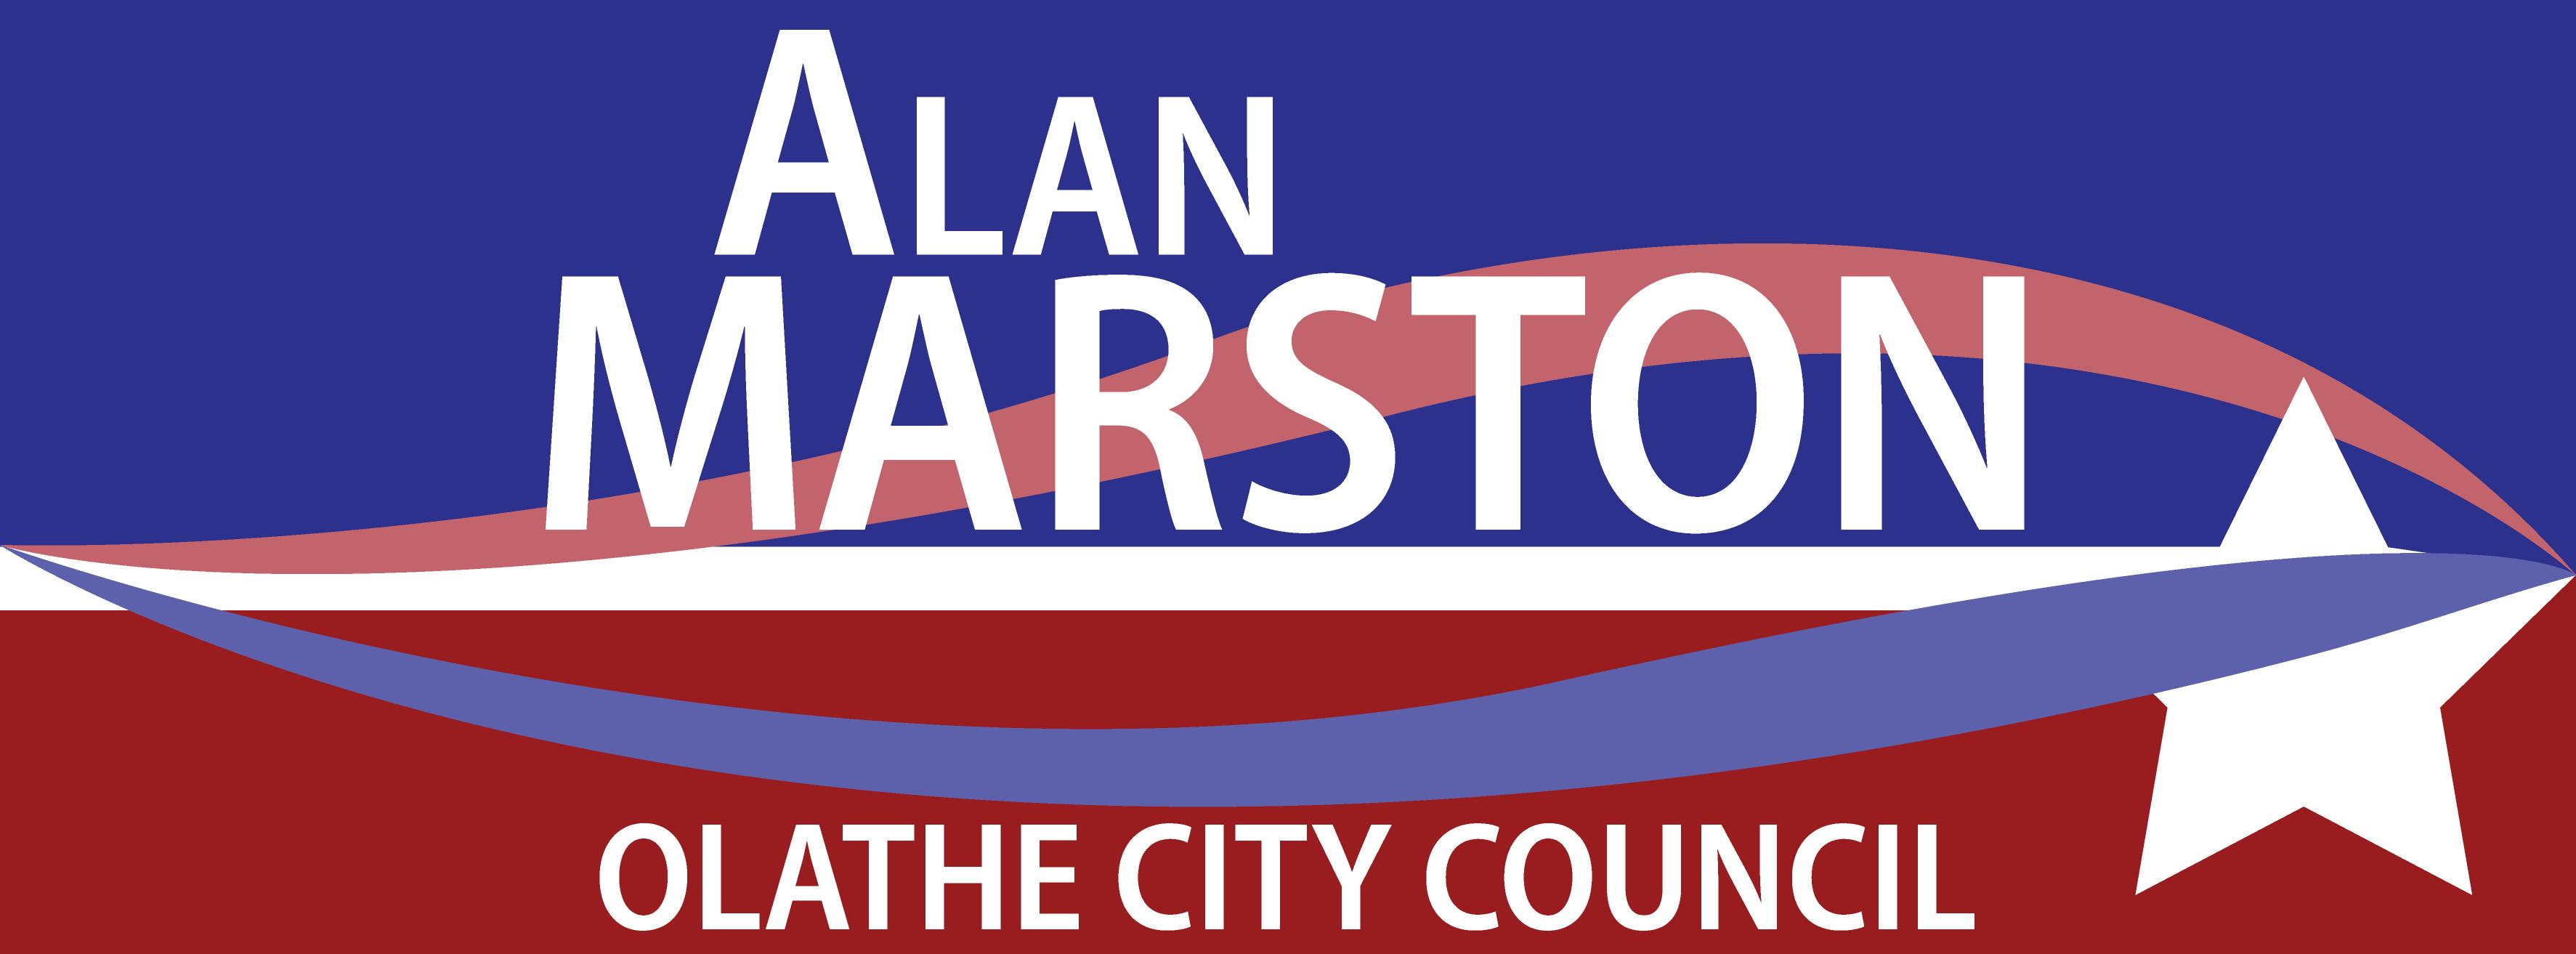 Alan Marston